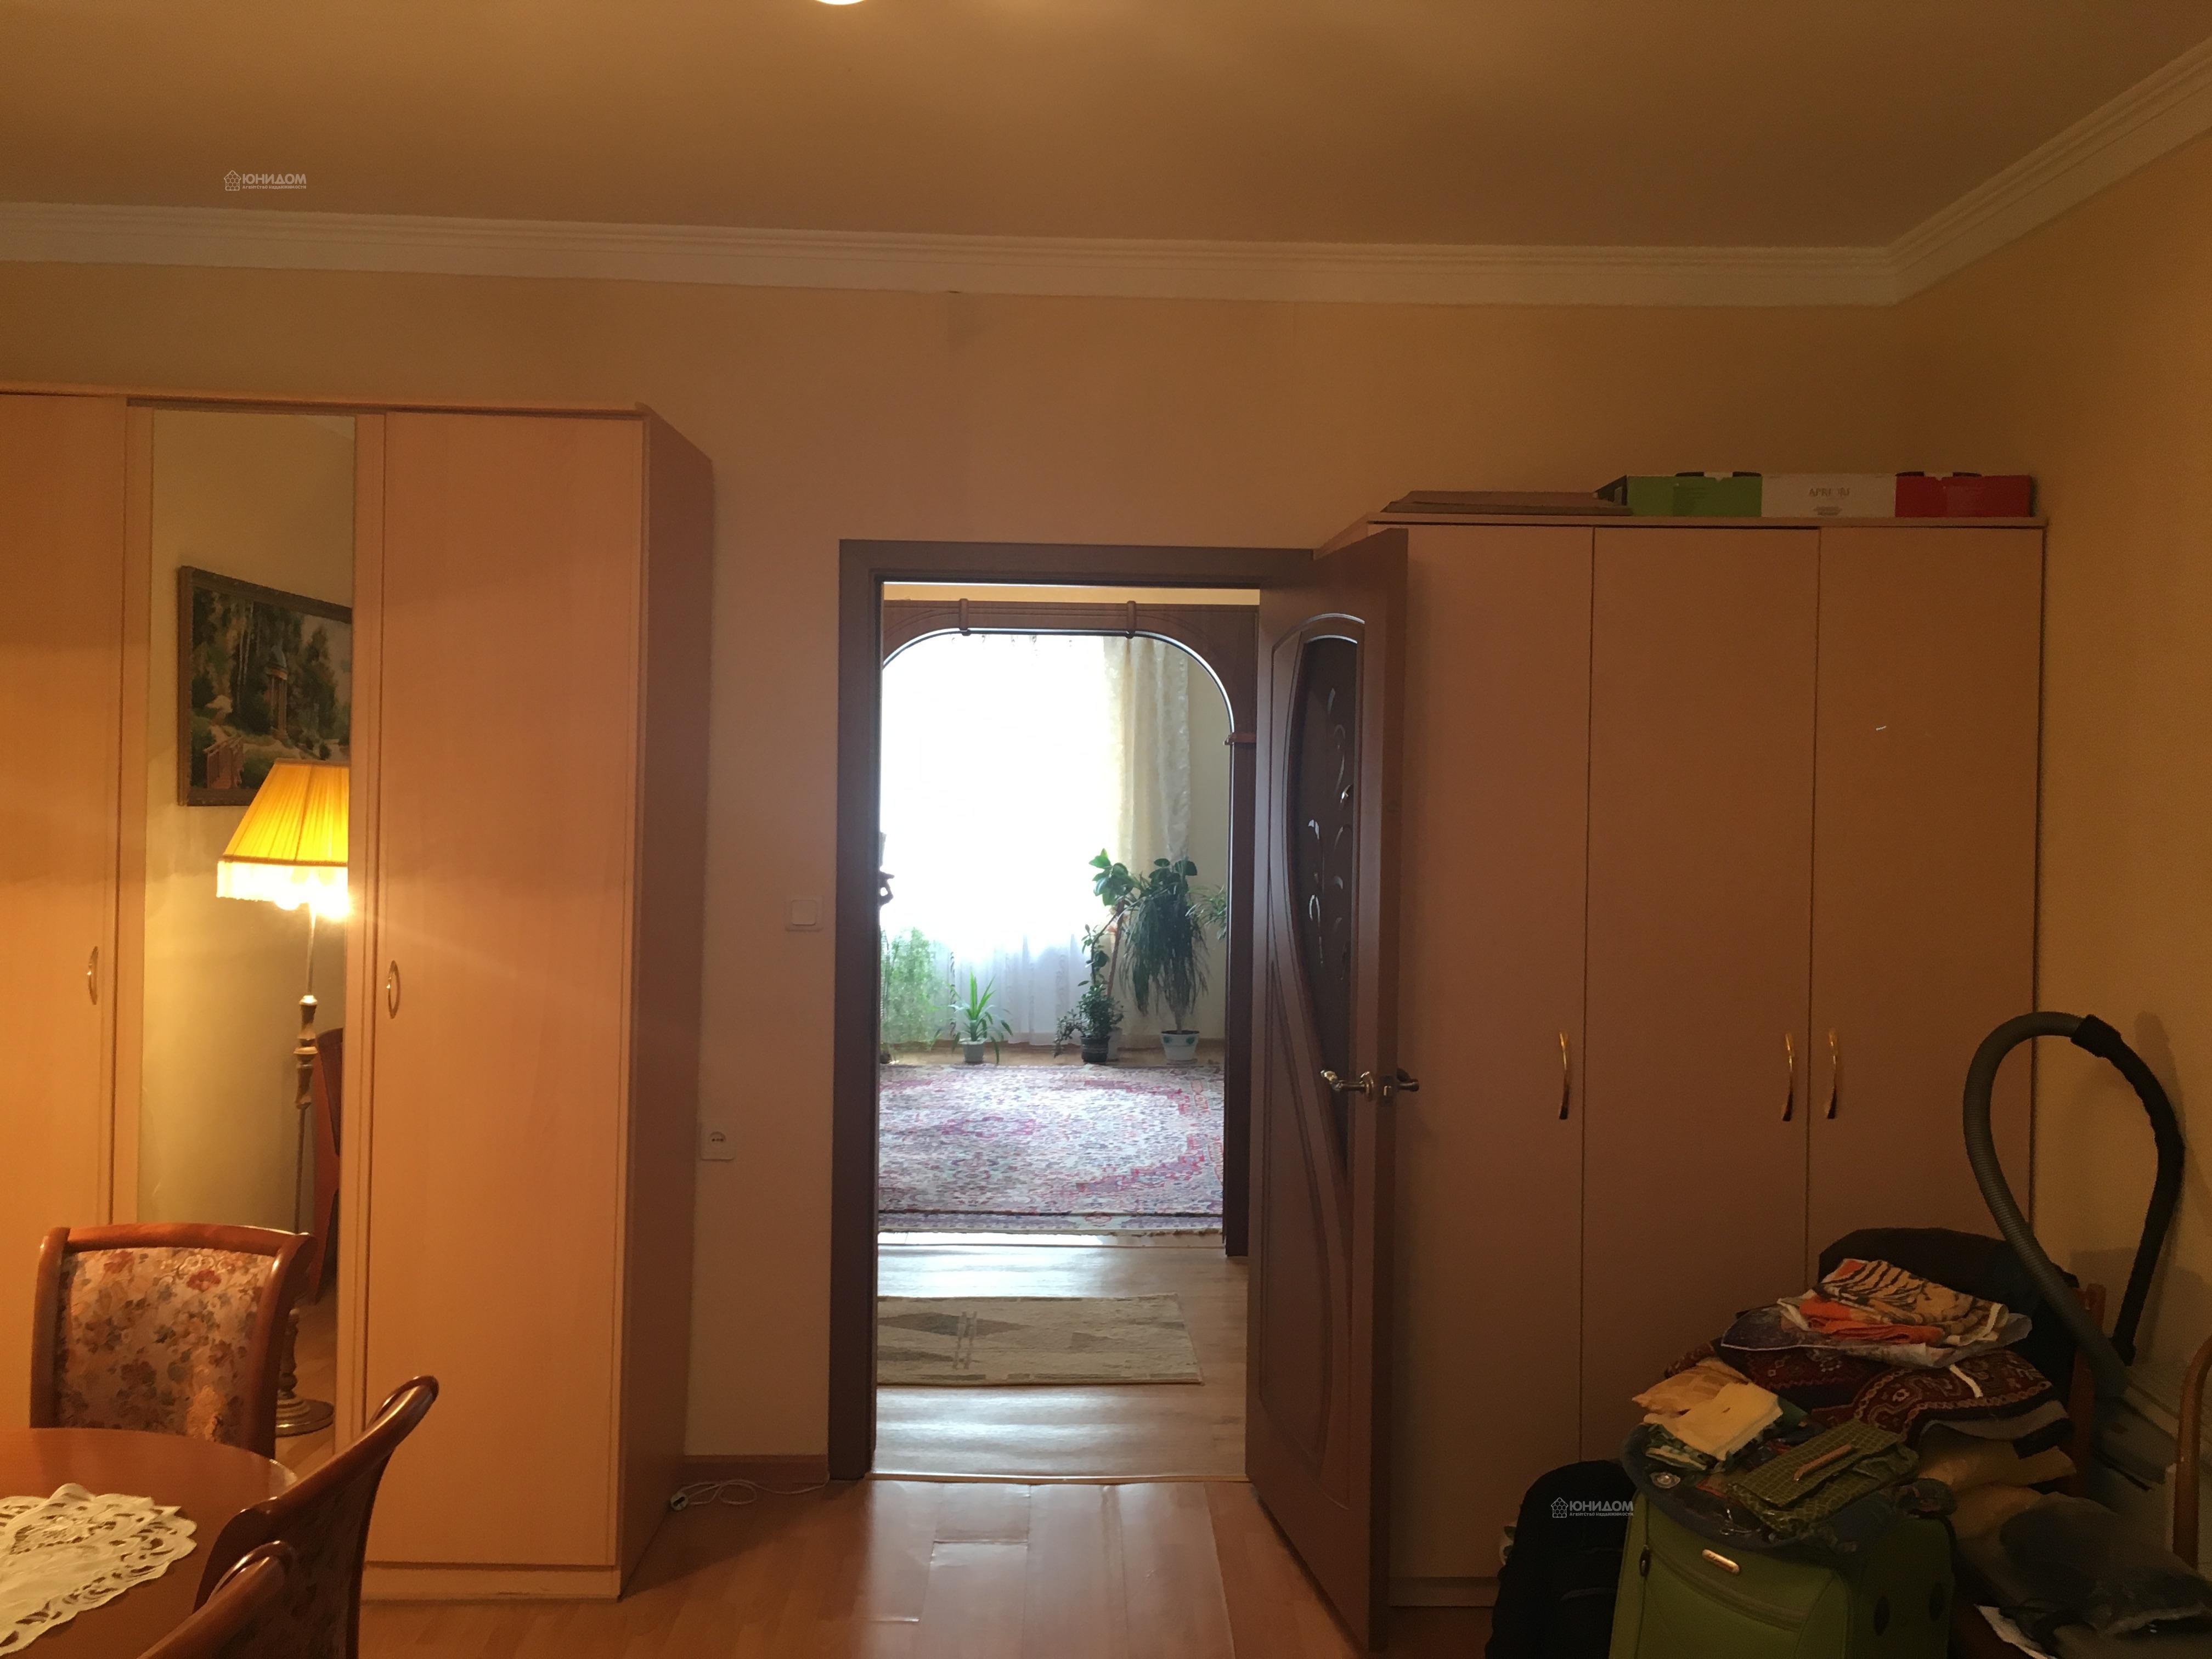 Продам 3-комн. квартиру по адресу Россия, Тюменская область, Тюмень, Минская 102 фото 16 по выгодной цене